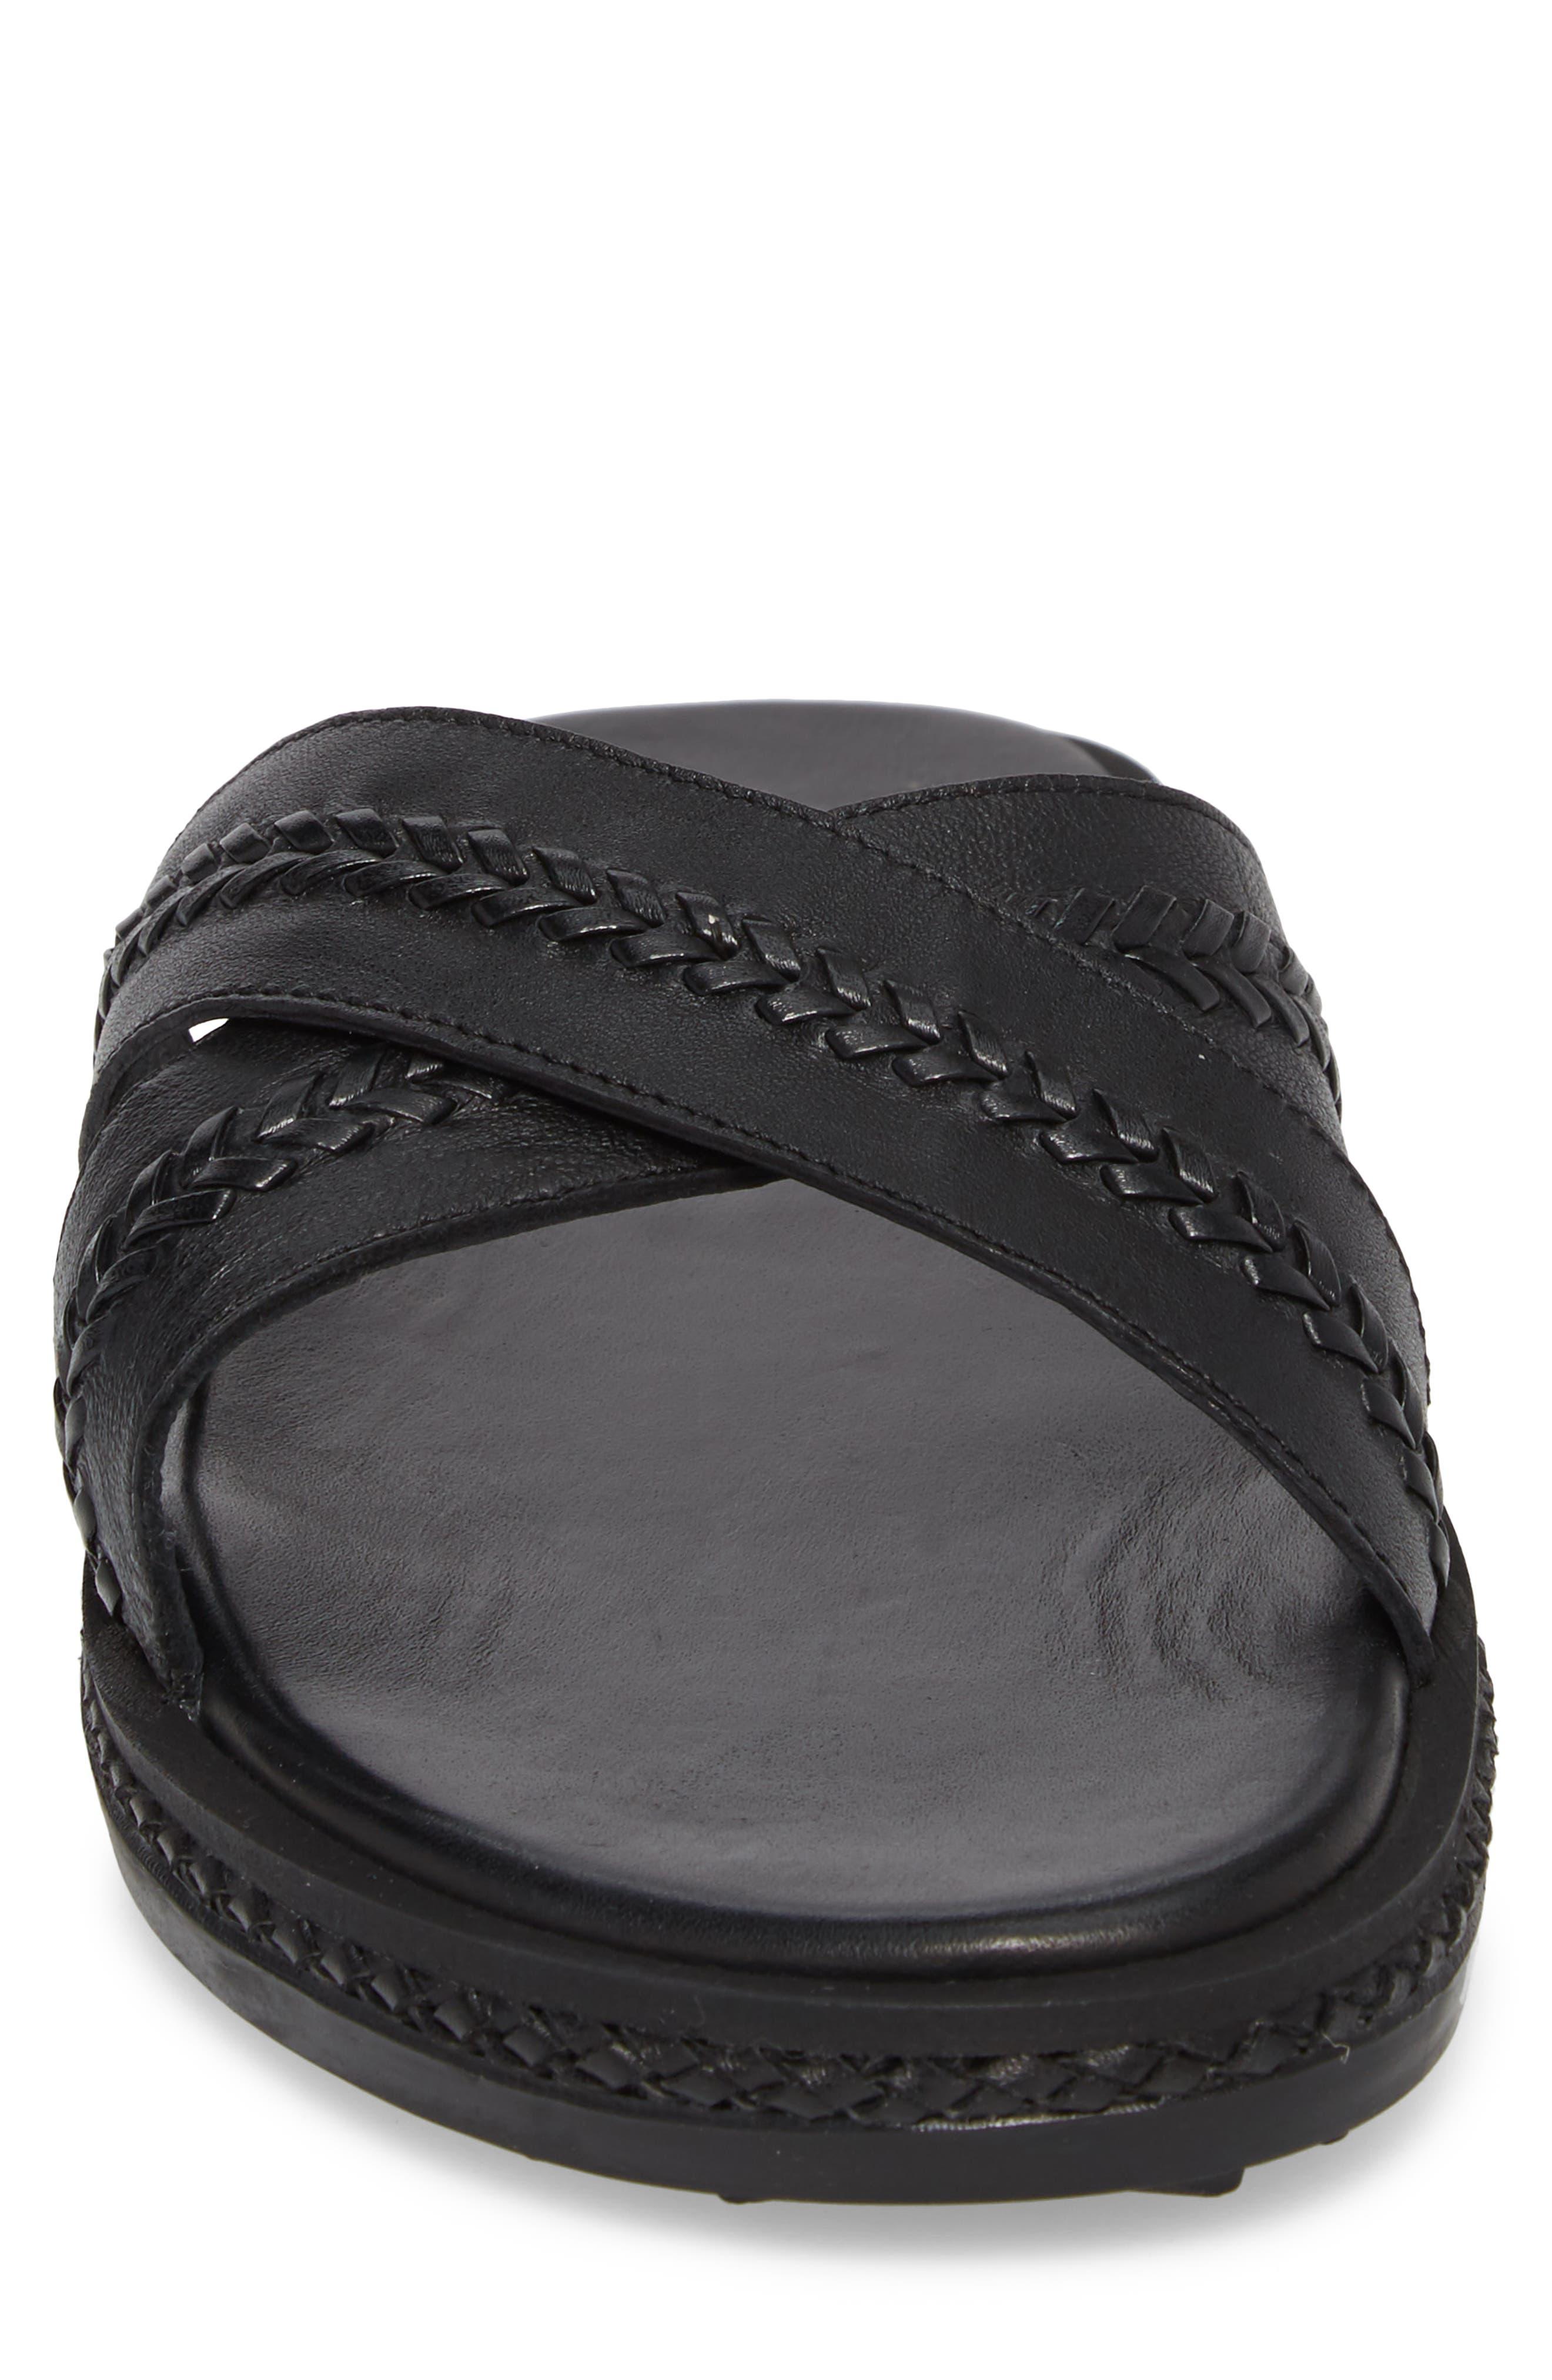 Woven Cross Strap Slide Sandal,                             Alternate thumbnail 4, color,                             Black Leather